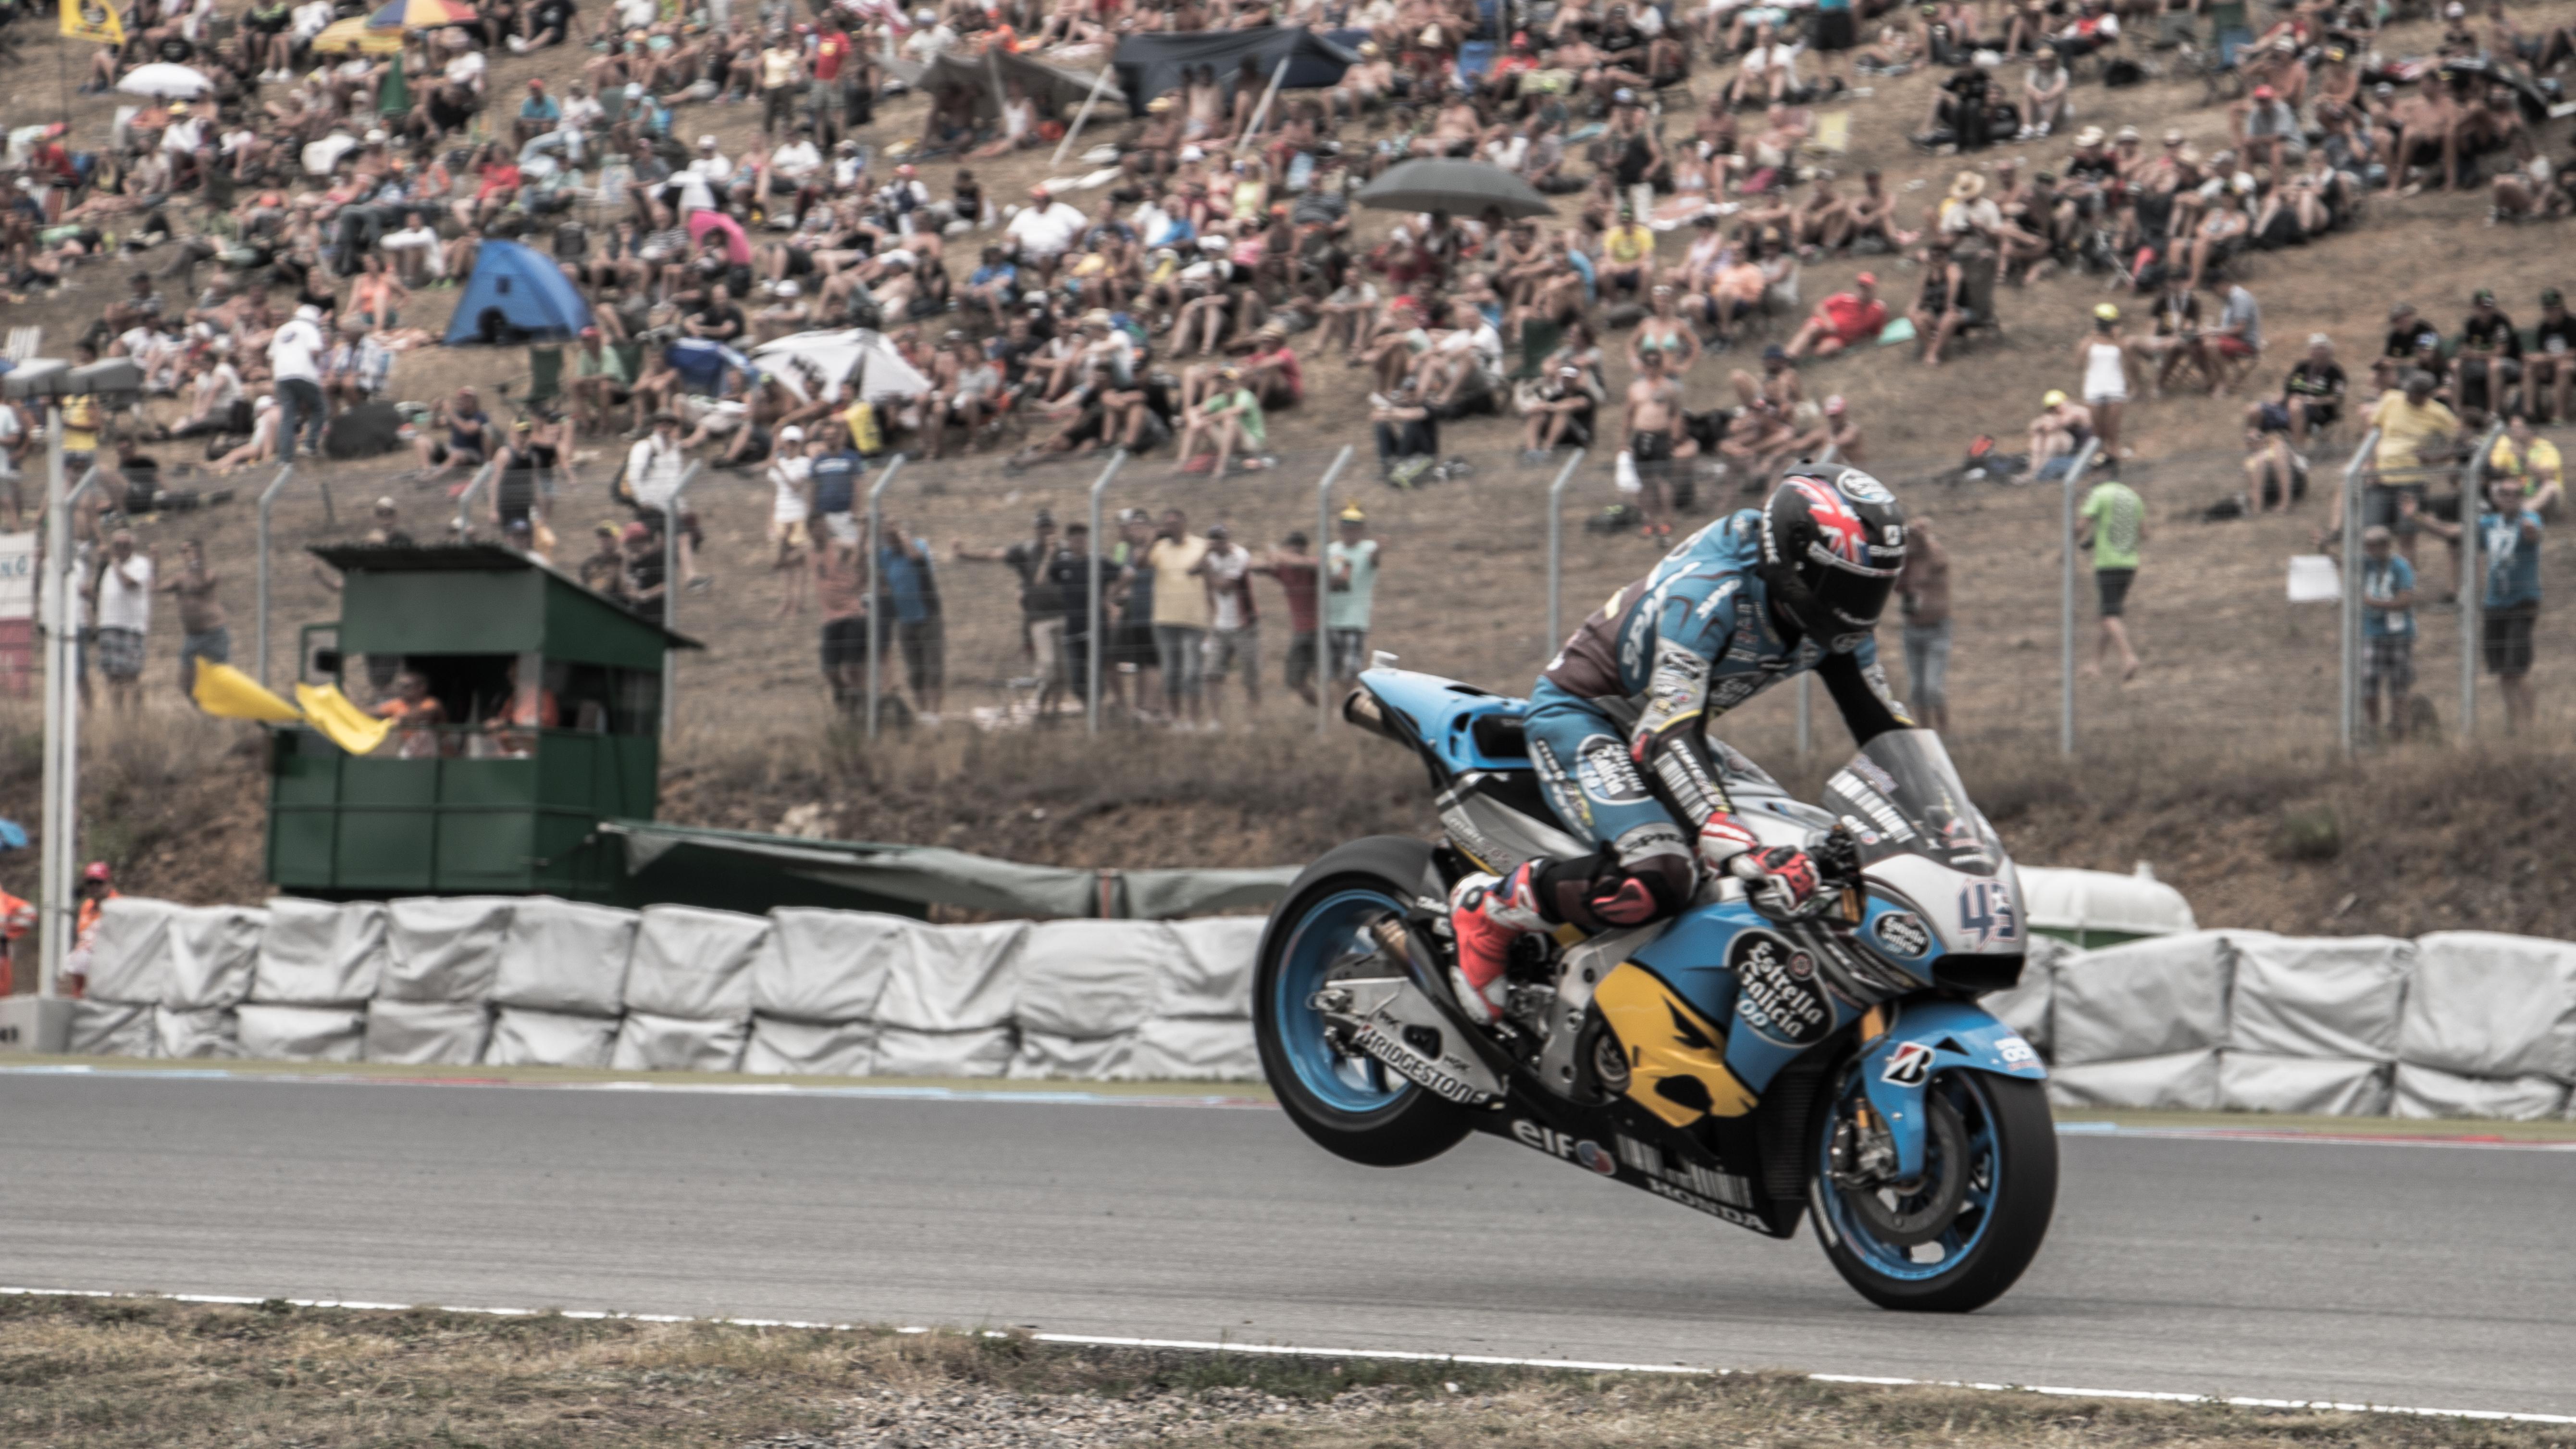 Grand Prix České republiky 2015 : Brno MotoGP tickets, VIP Village, hotels